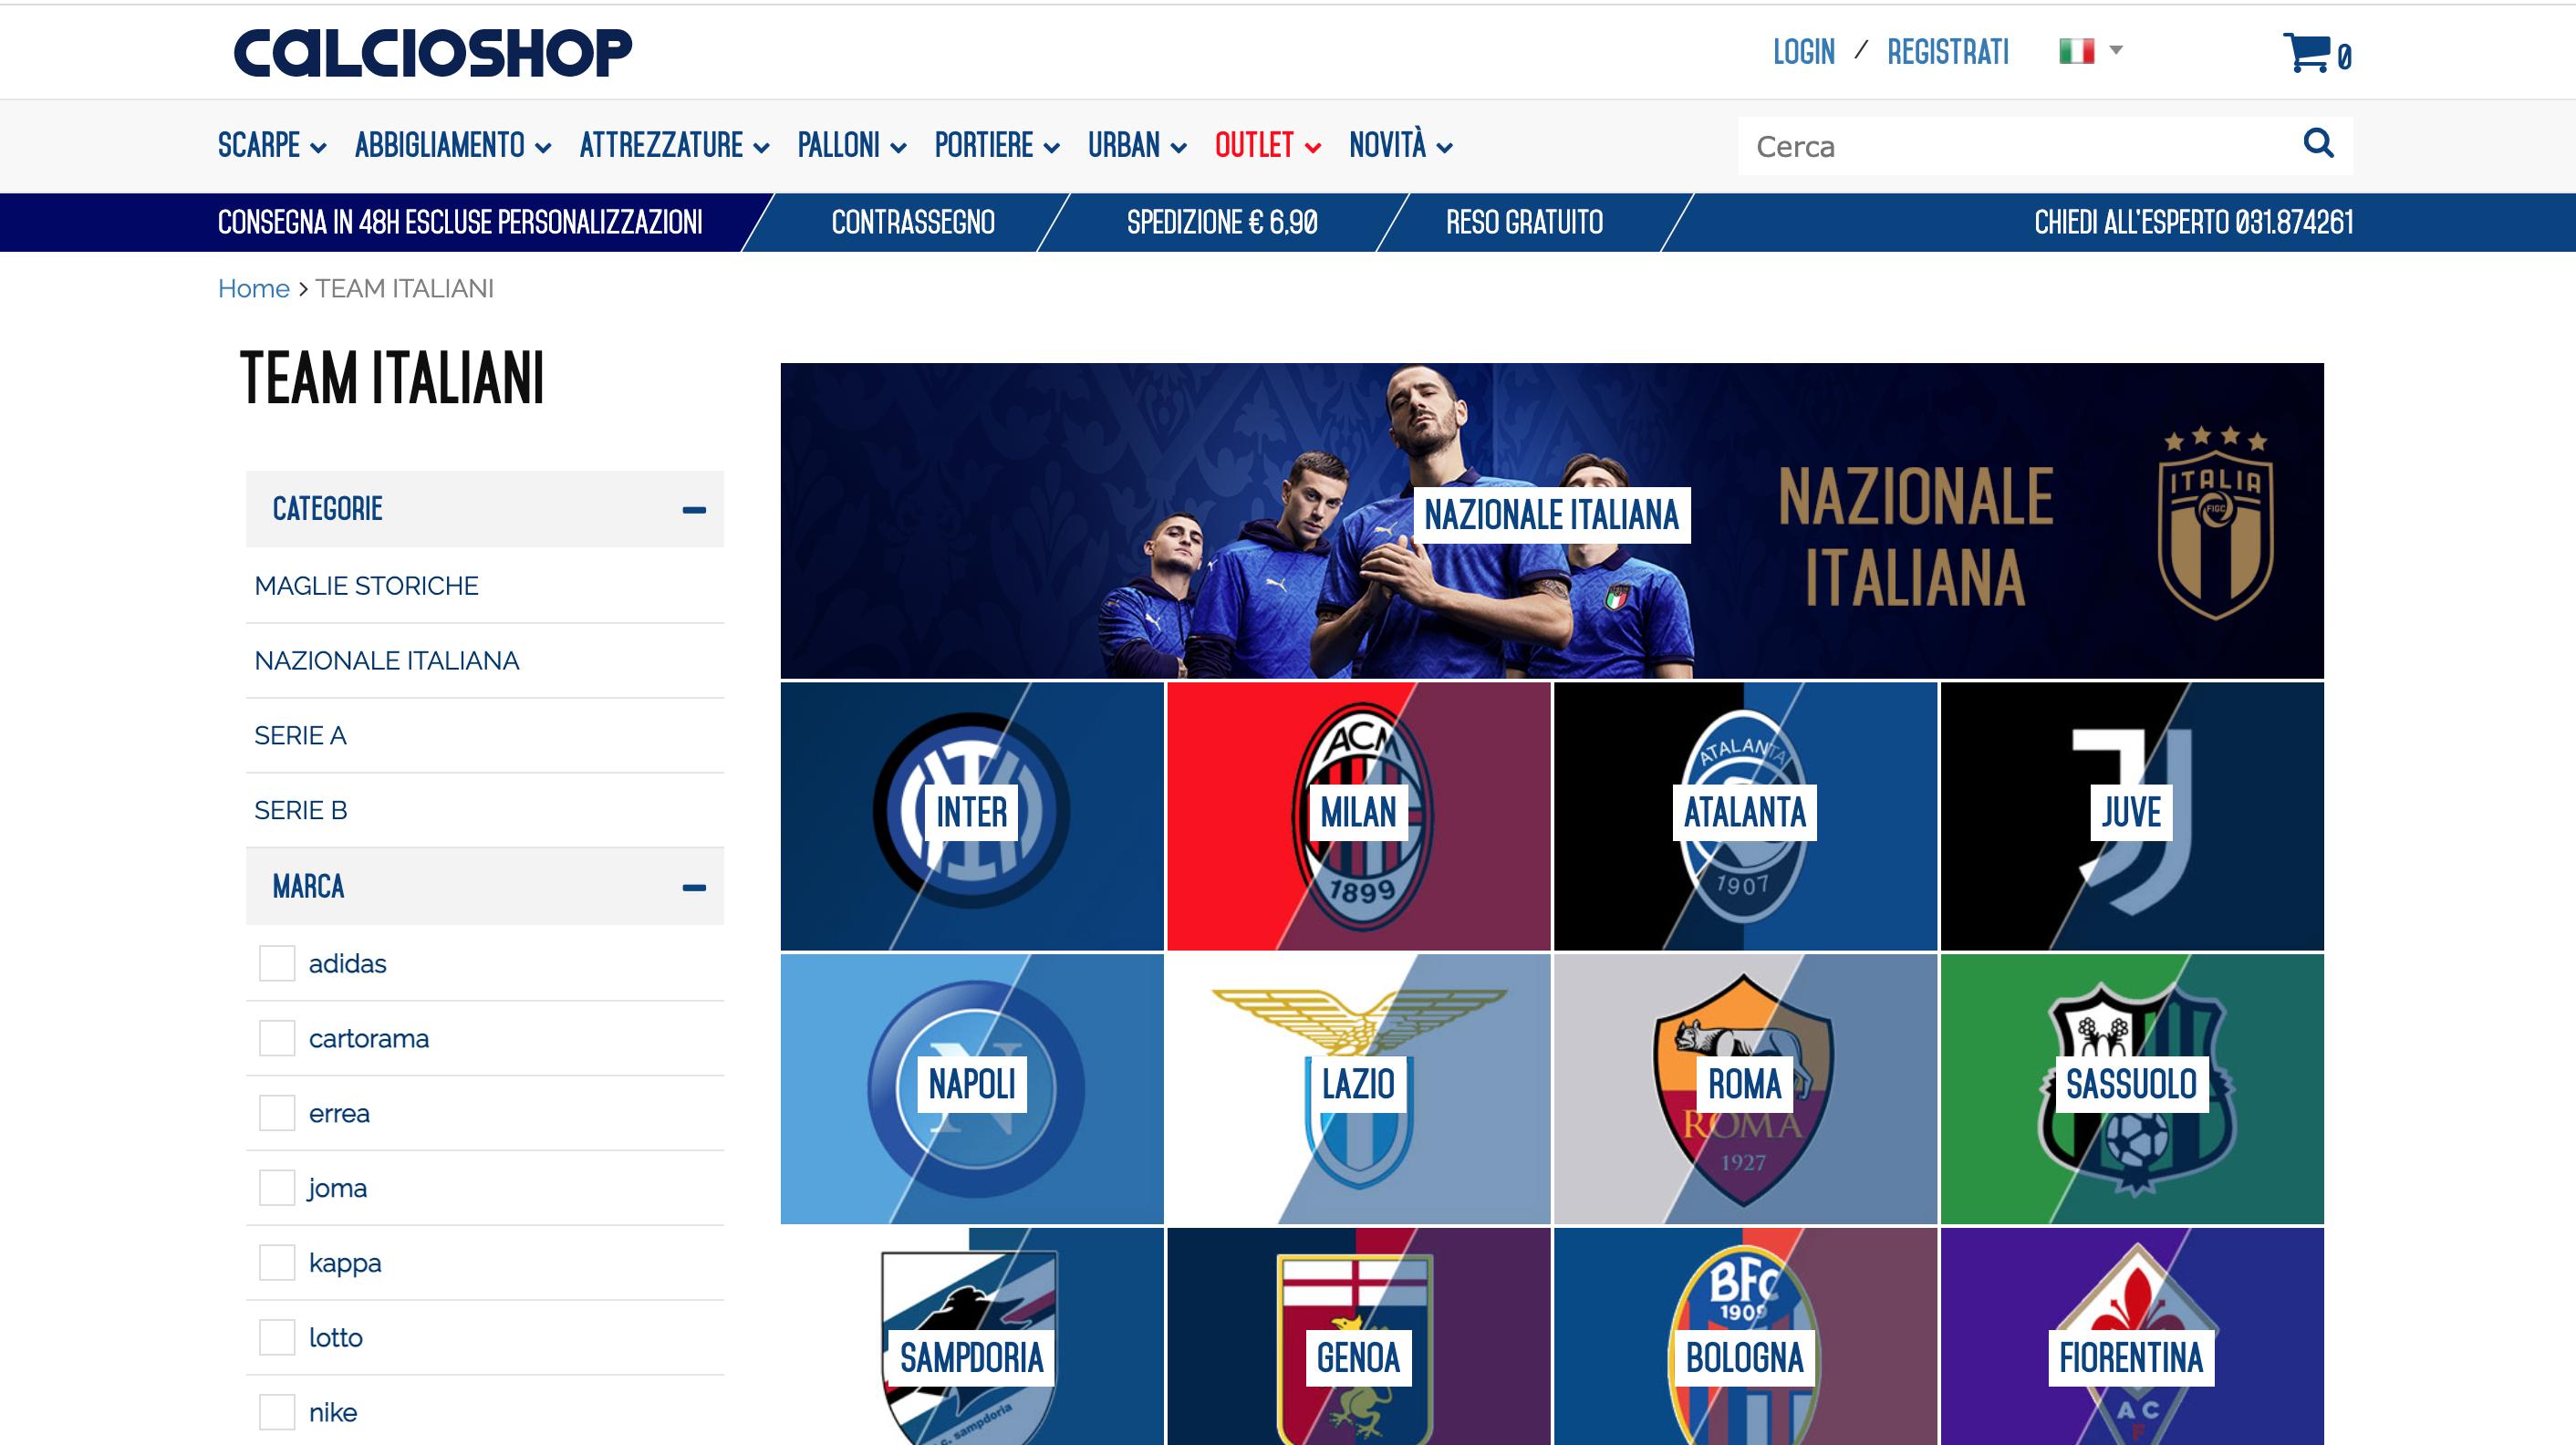 Calcioshop.it maglie da calcio online